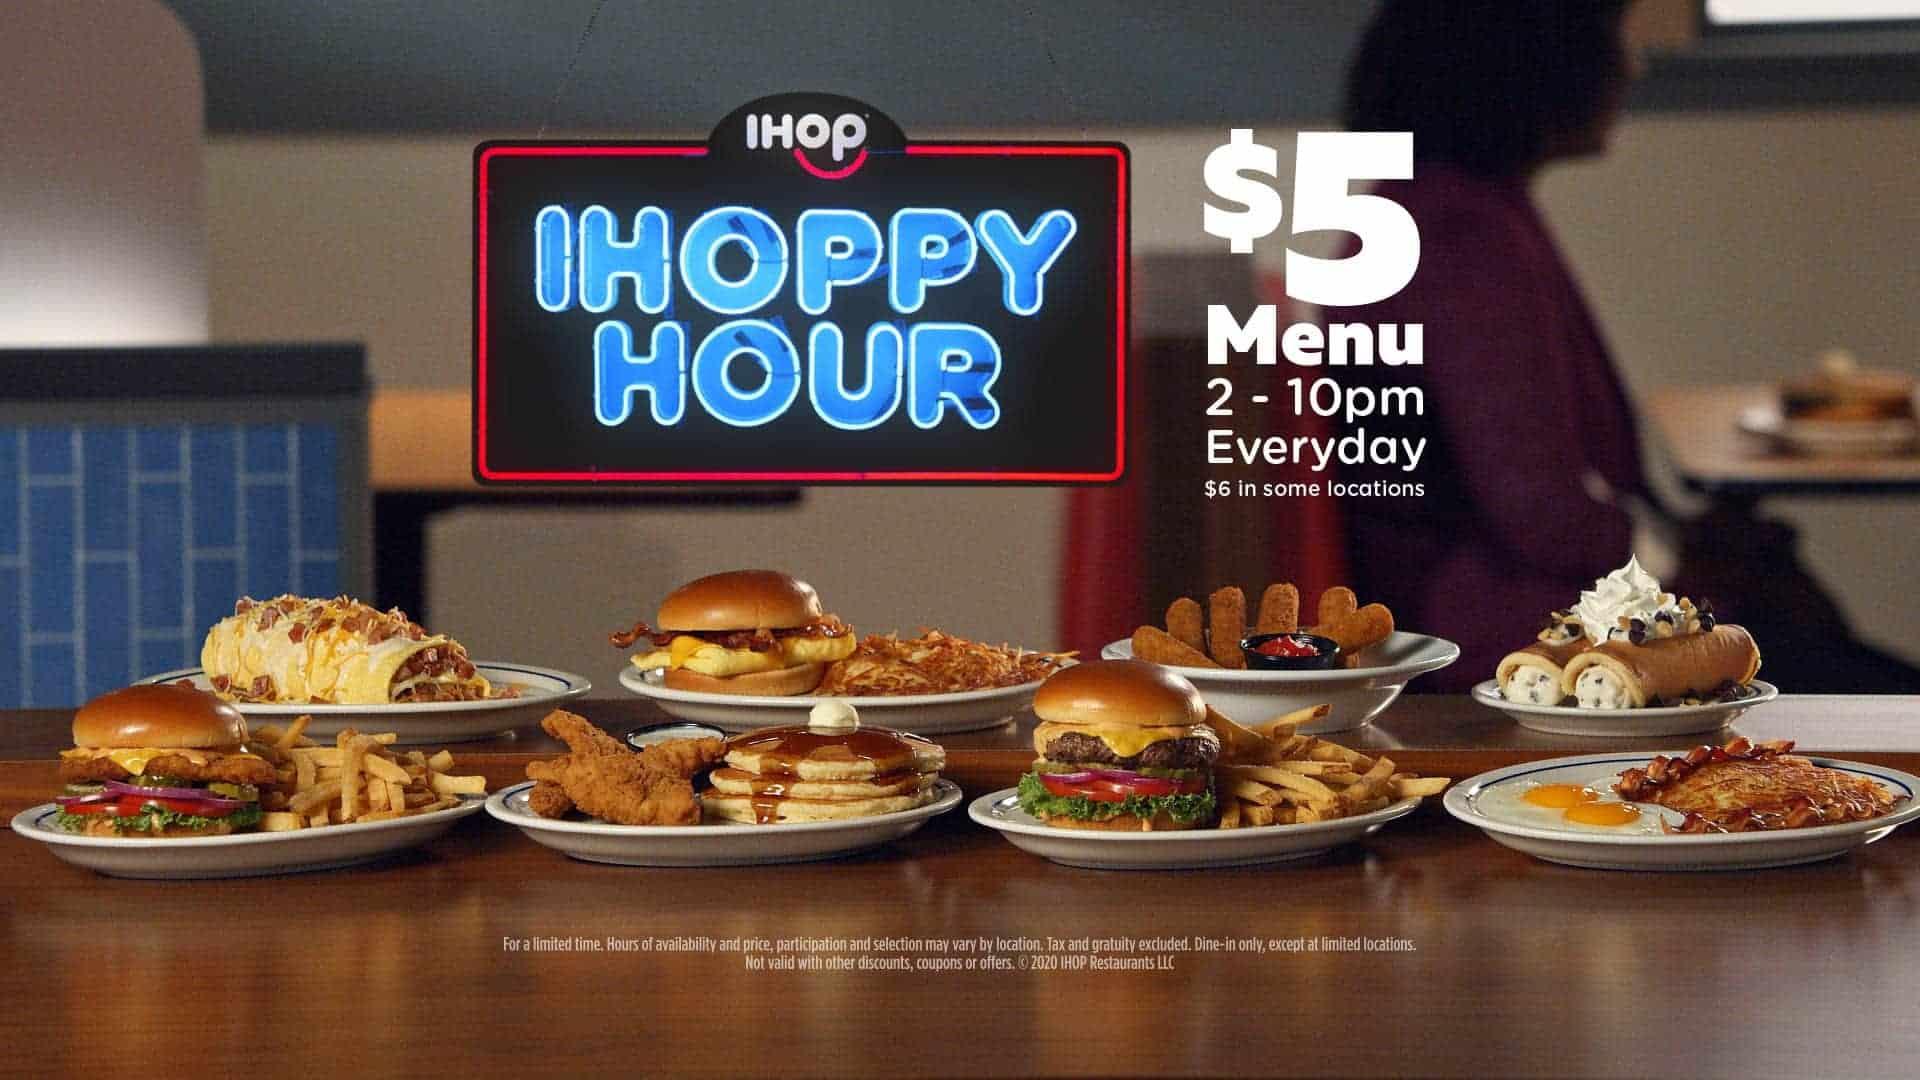 ihop offer ihoppy hour deals